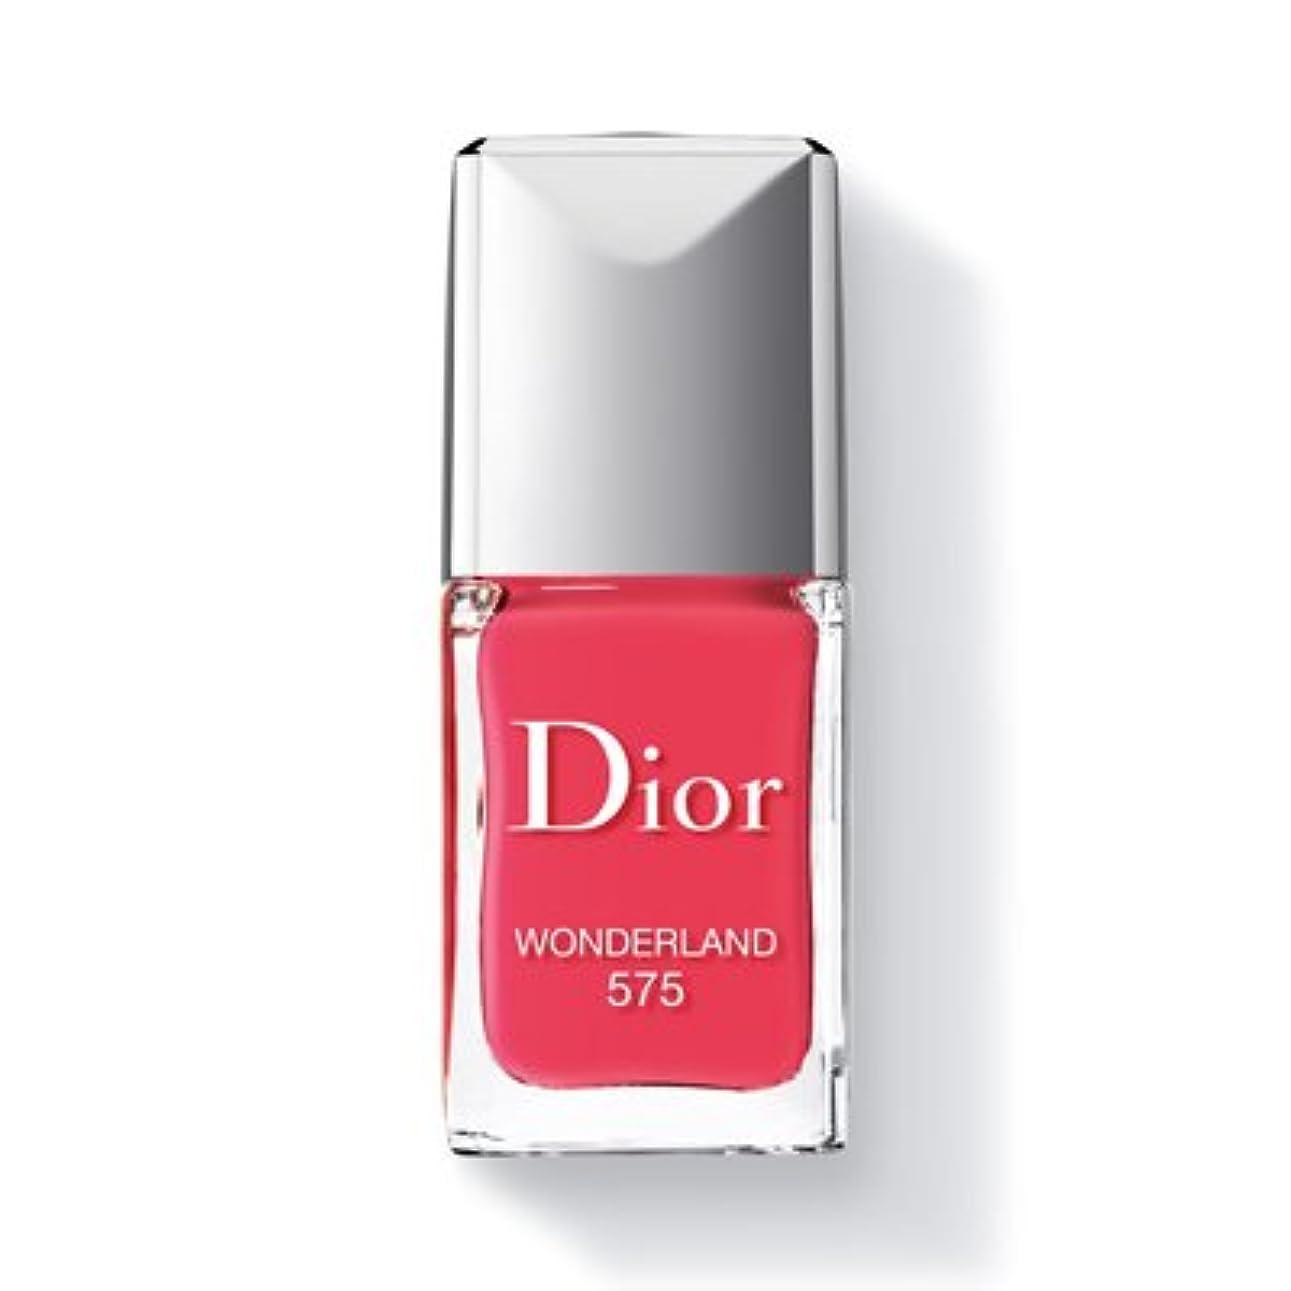 緊急パッド遺棄されたChristian Dior クリスチャン ディオール ディオール ヴェルニ #575 WONDERLAND 10ml [並行輸入品]